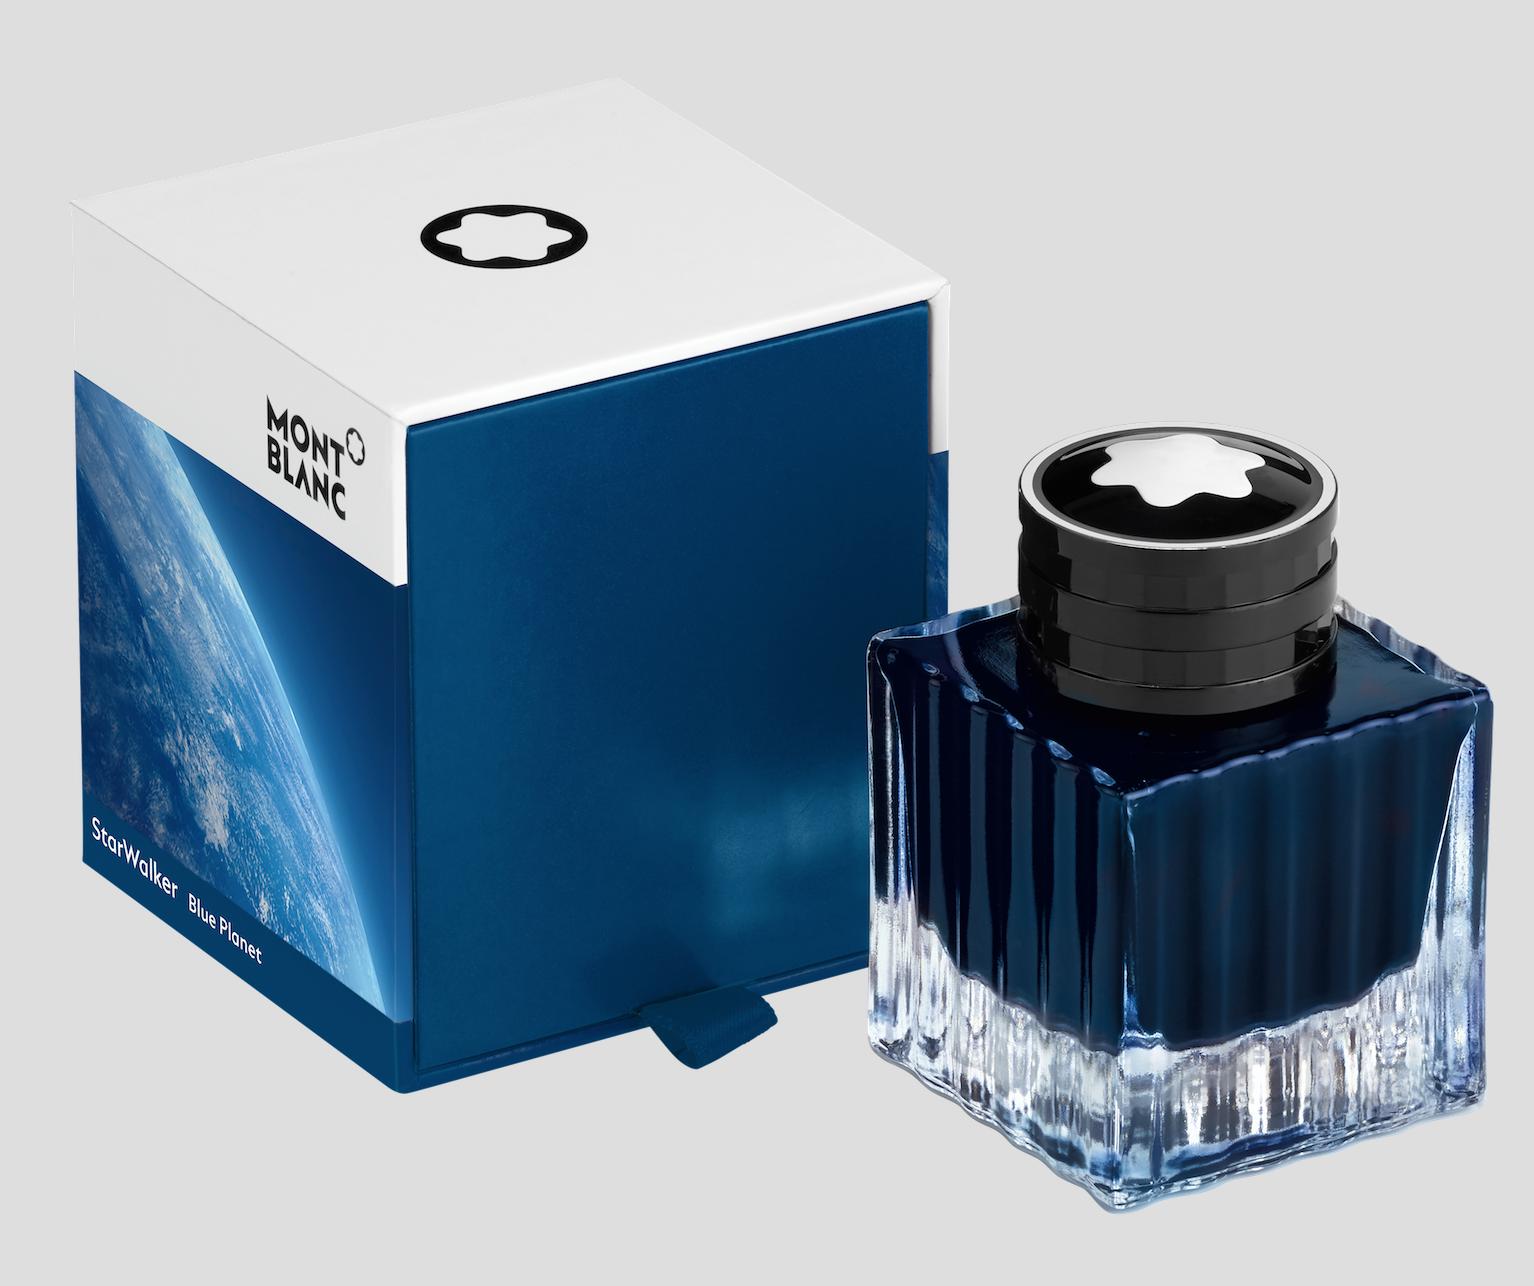 StarWalker Blue Planet de Montblanc